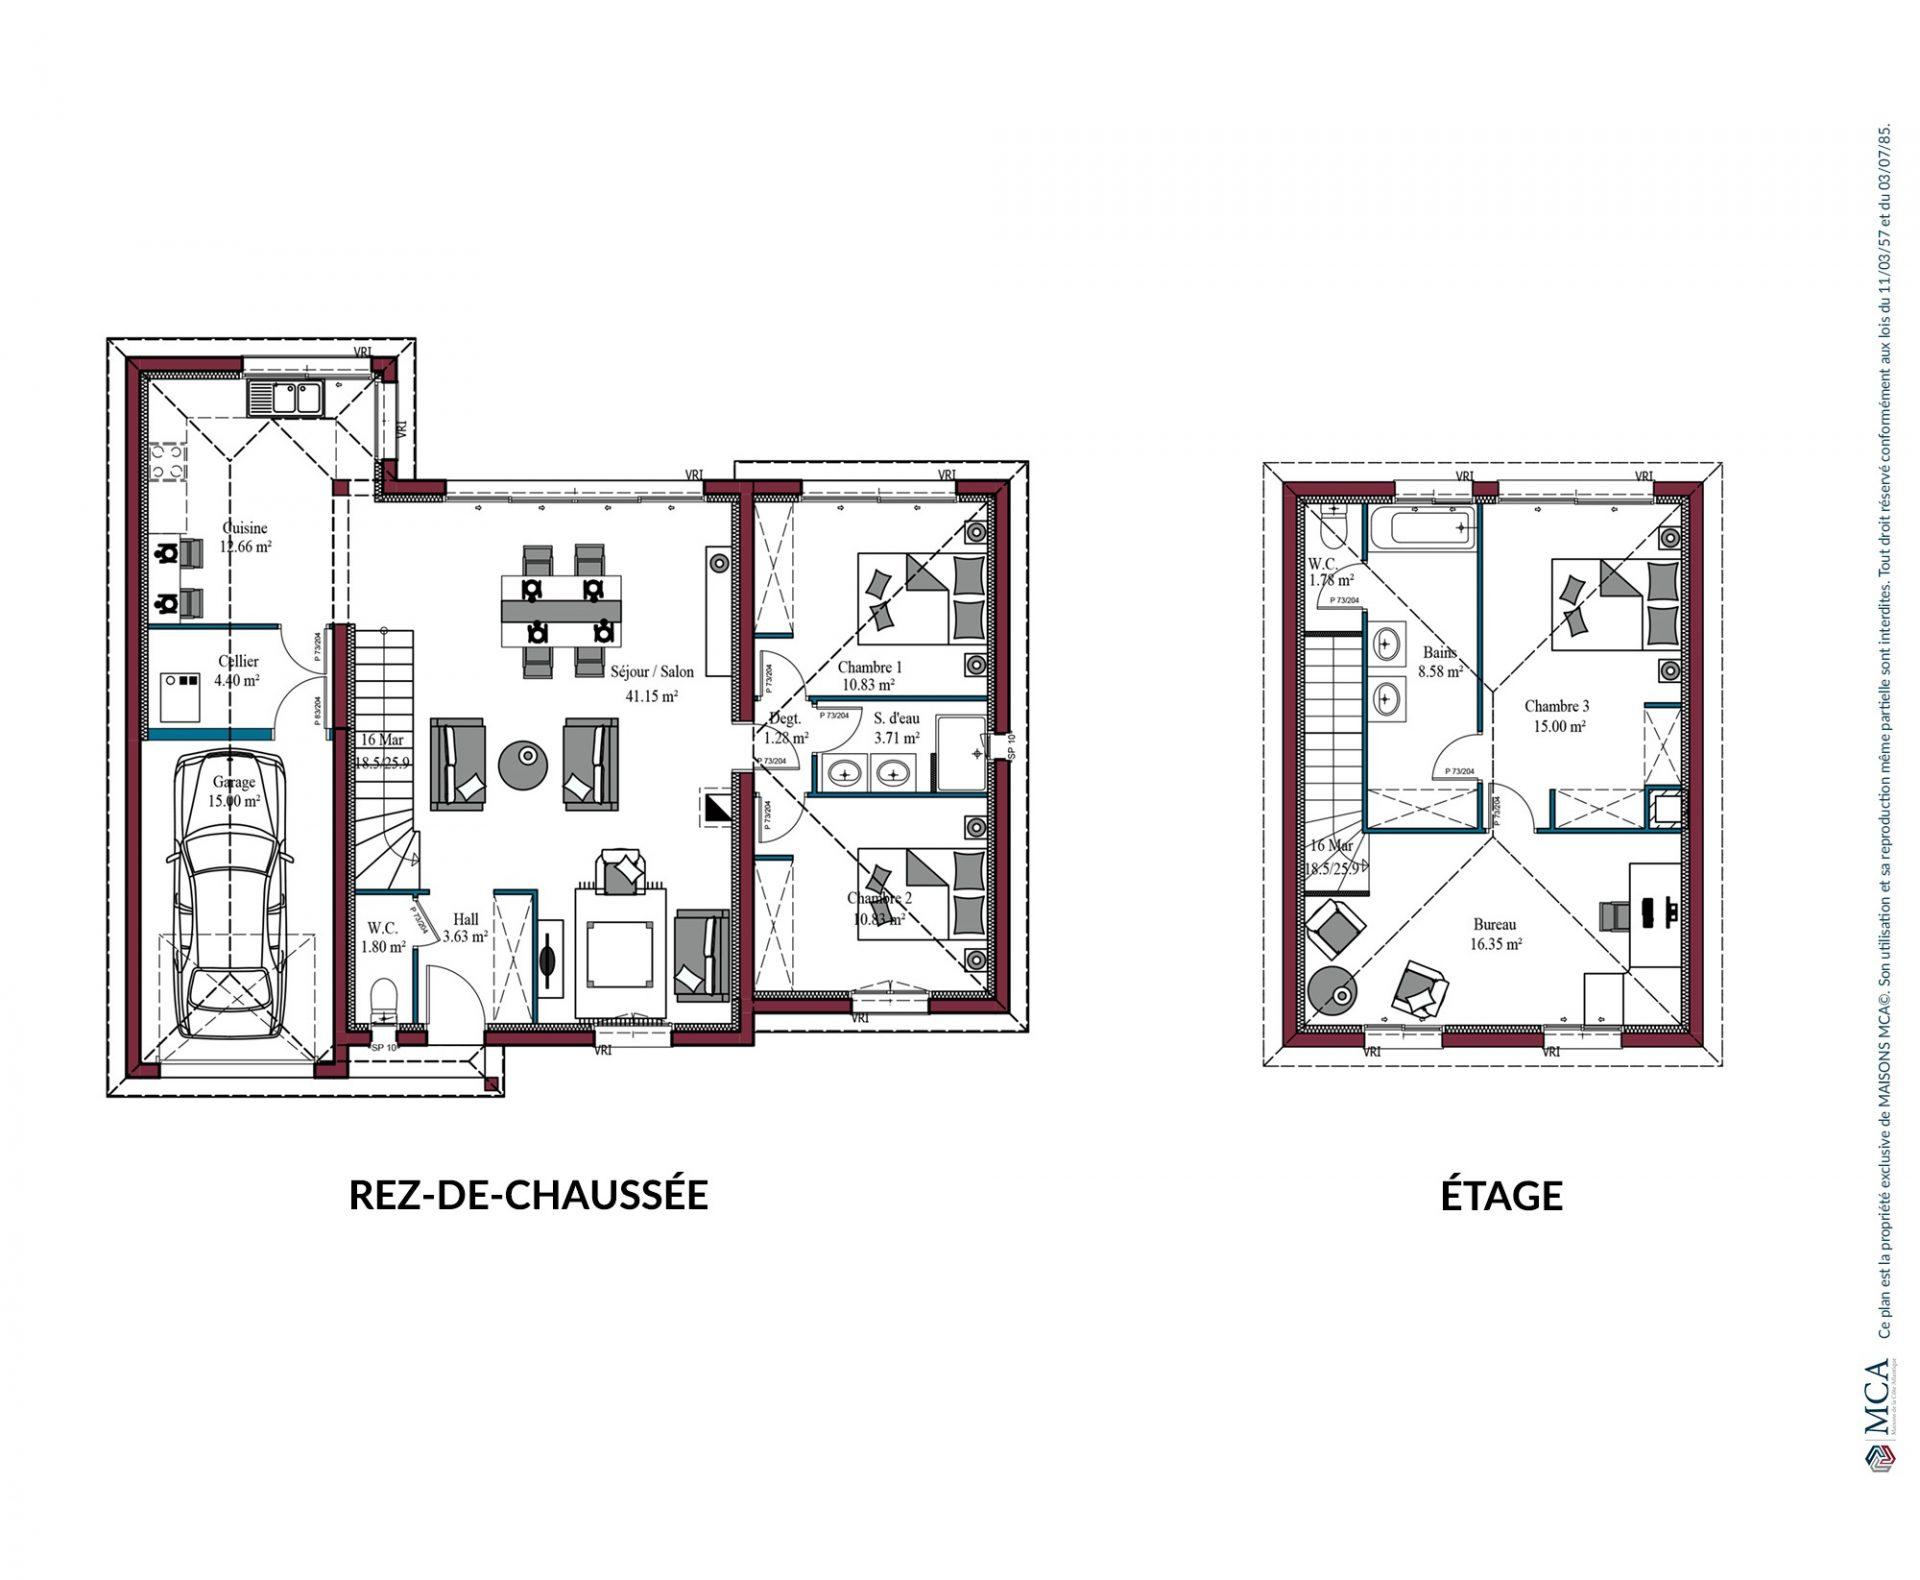 Plan Design | 132 m²